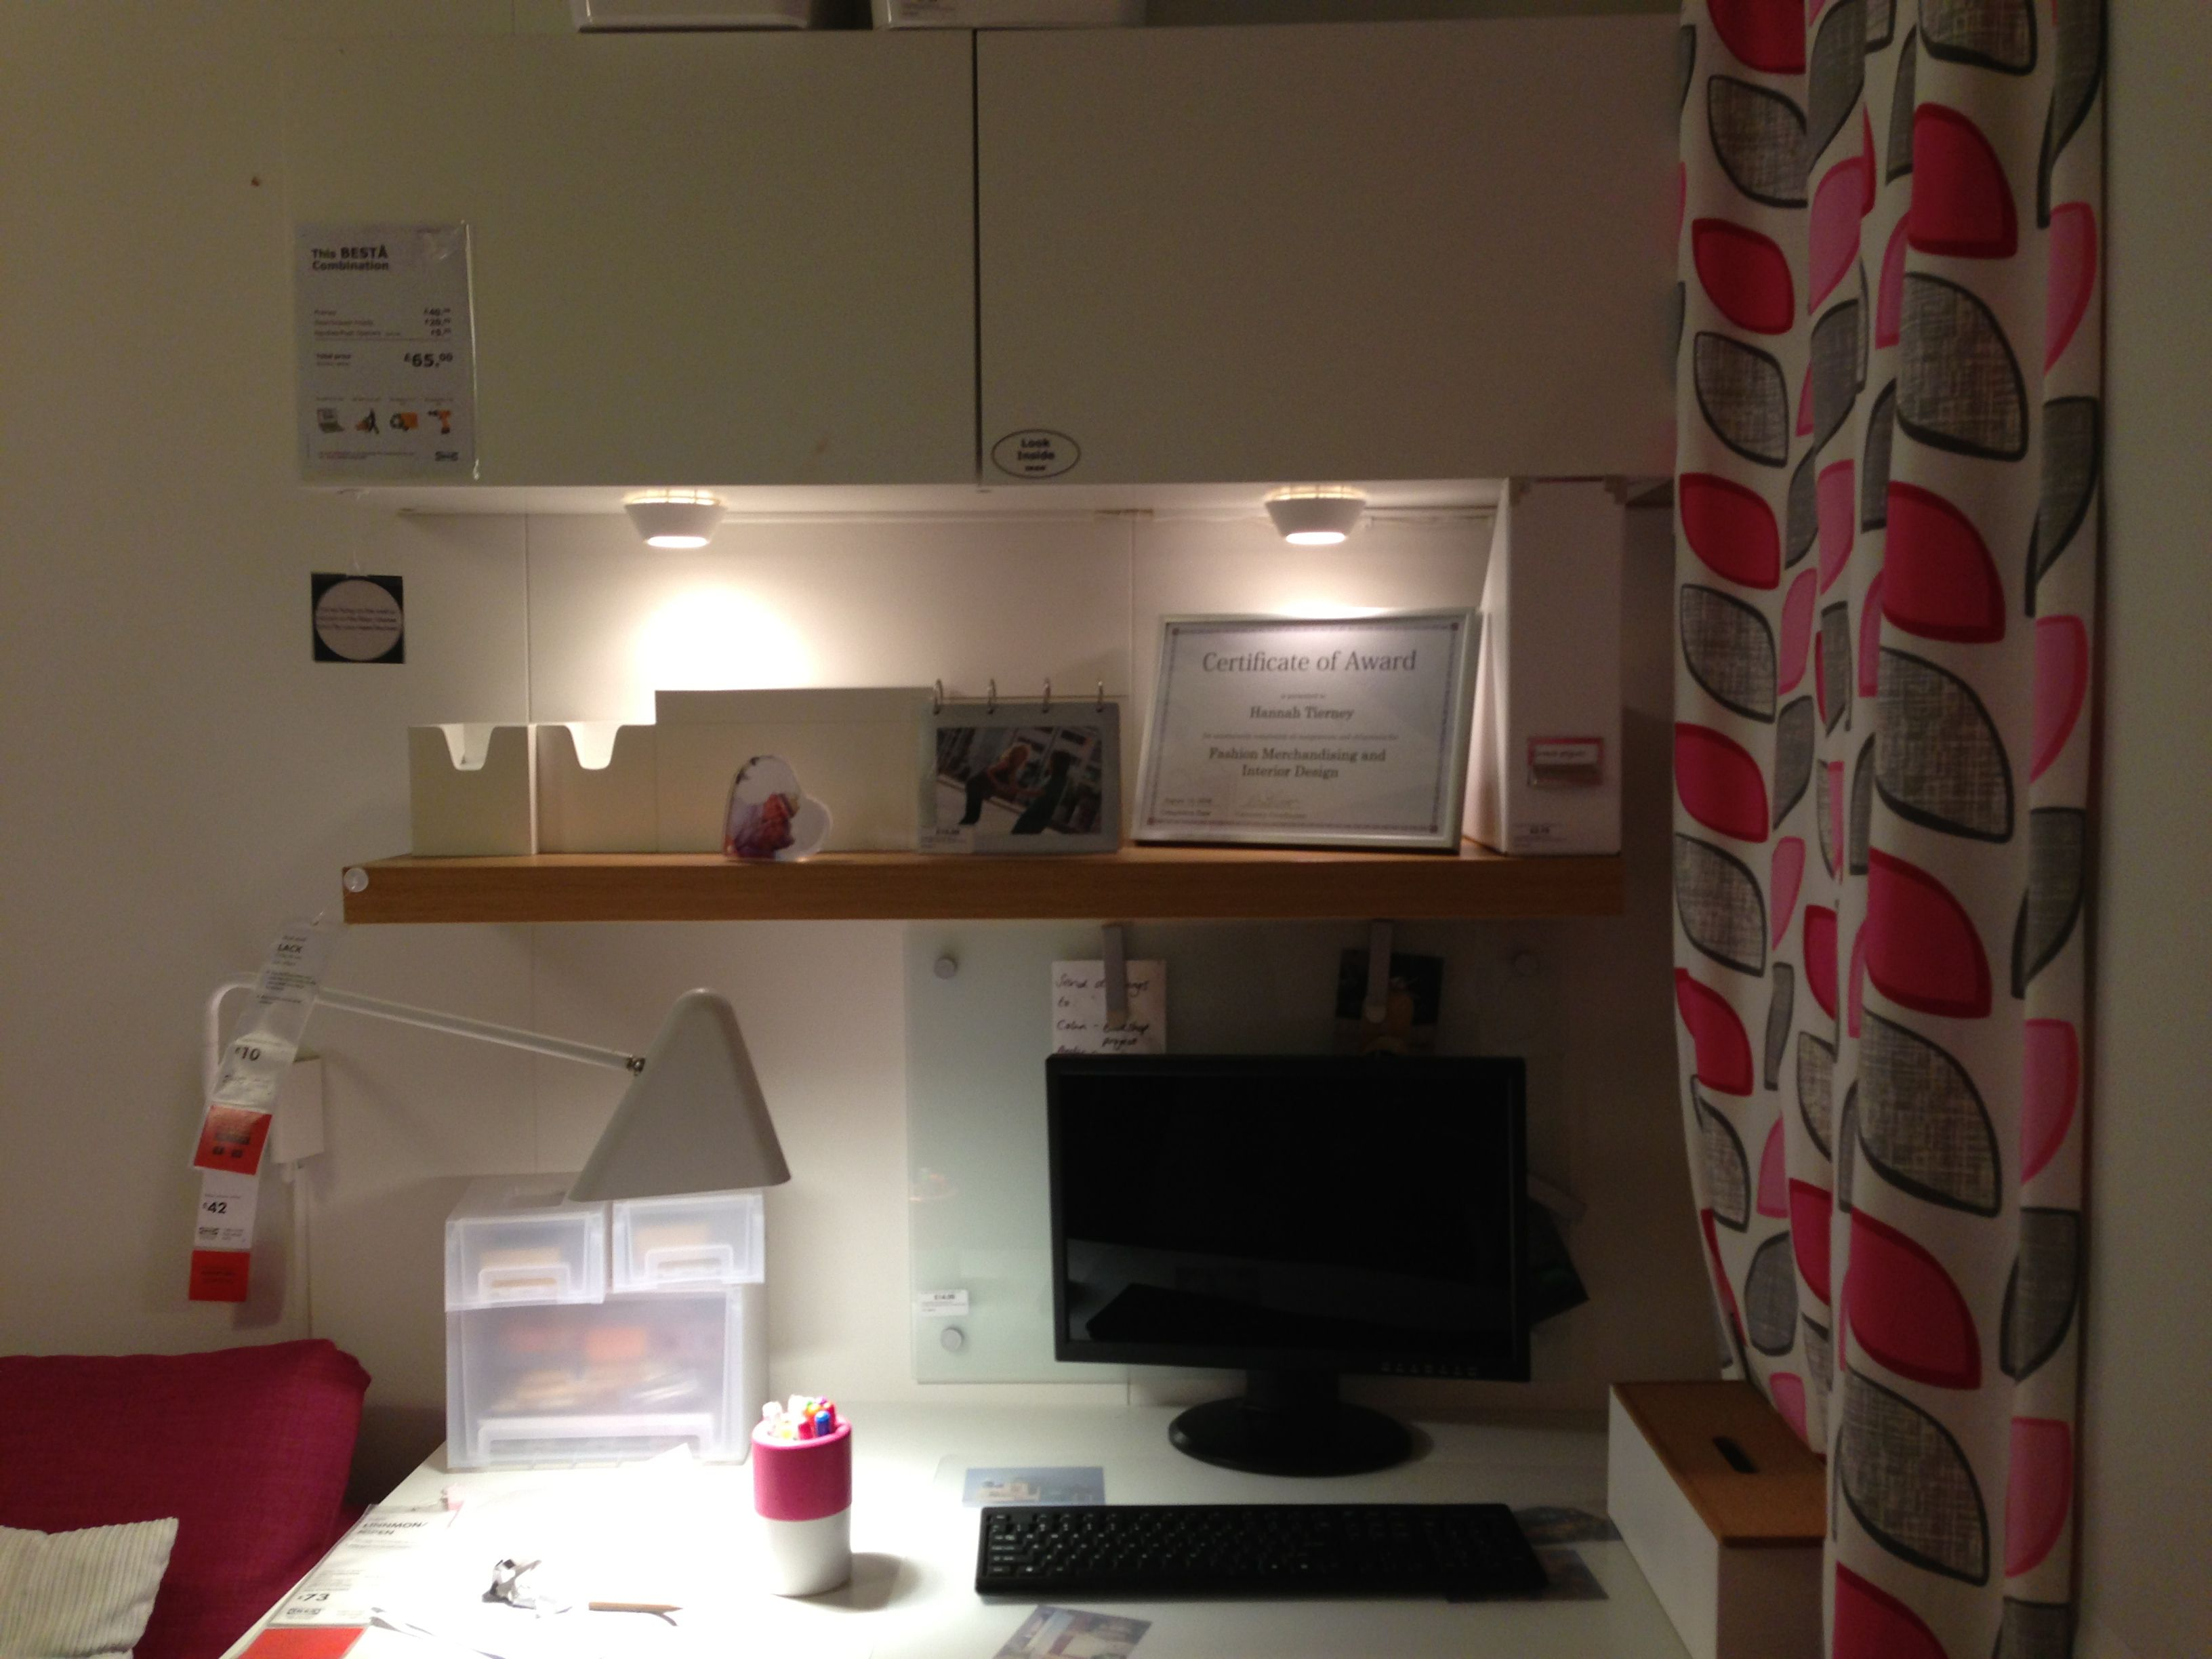 Groß Küche Und Bad Showroom Ottawa Bilder - Ideen Für Die Küche ...